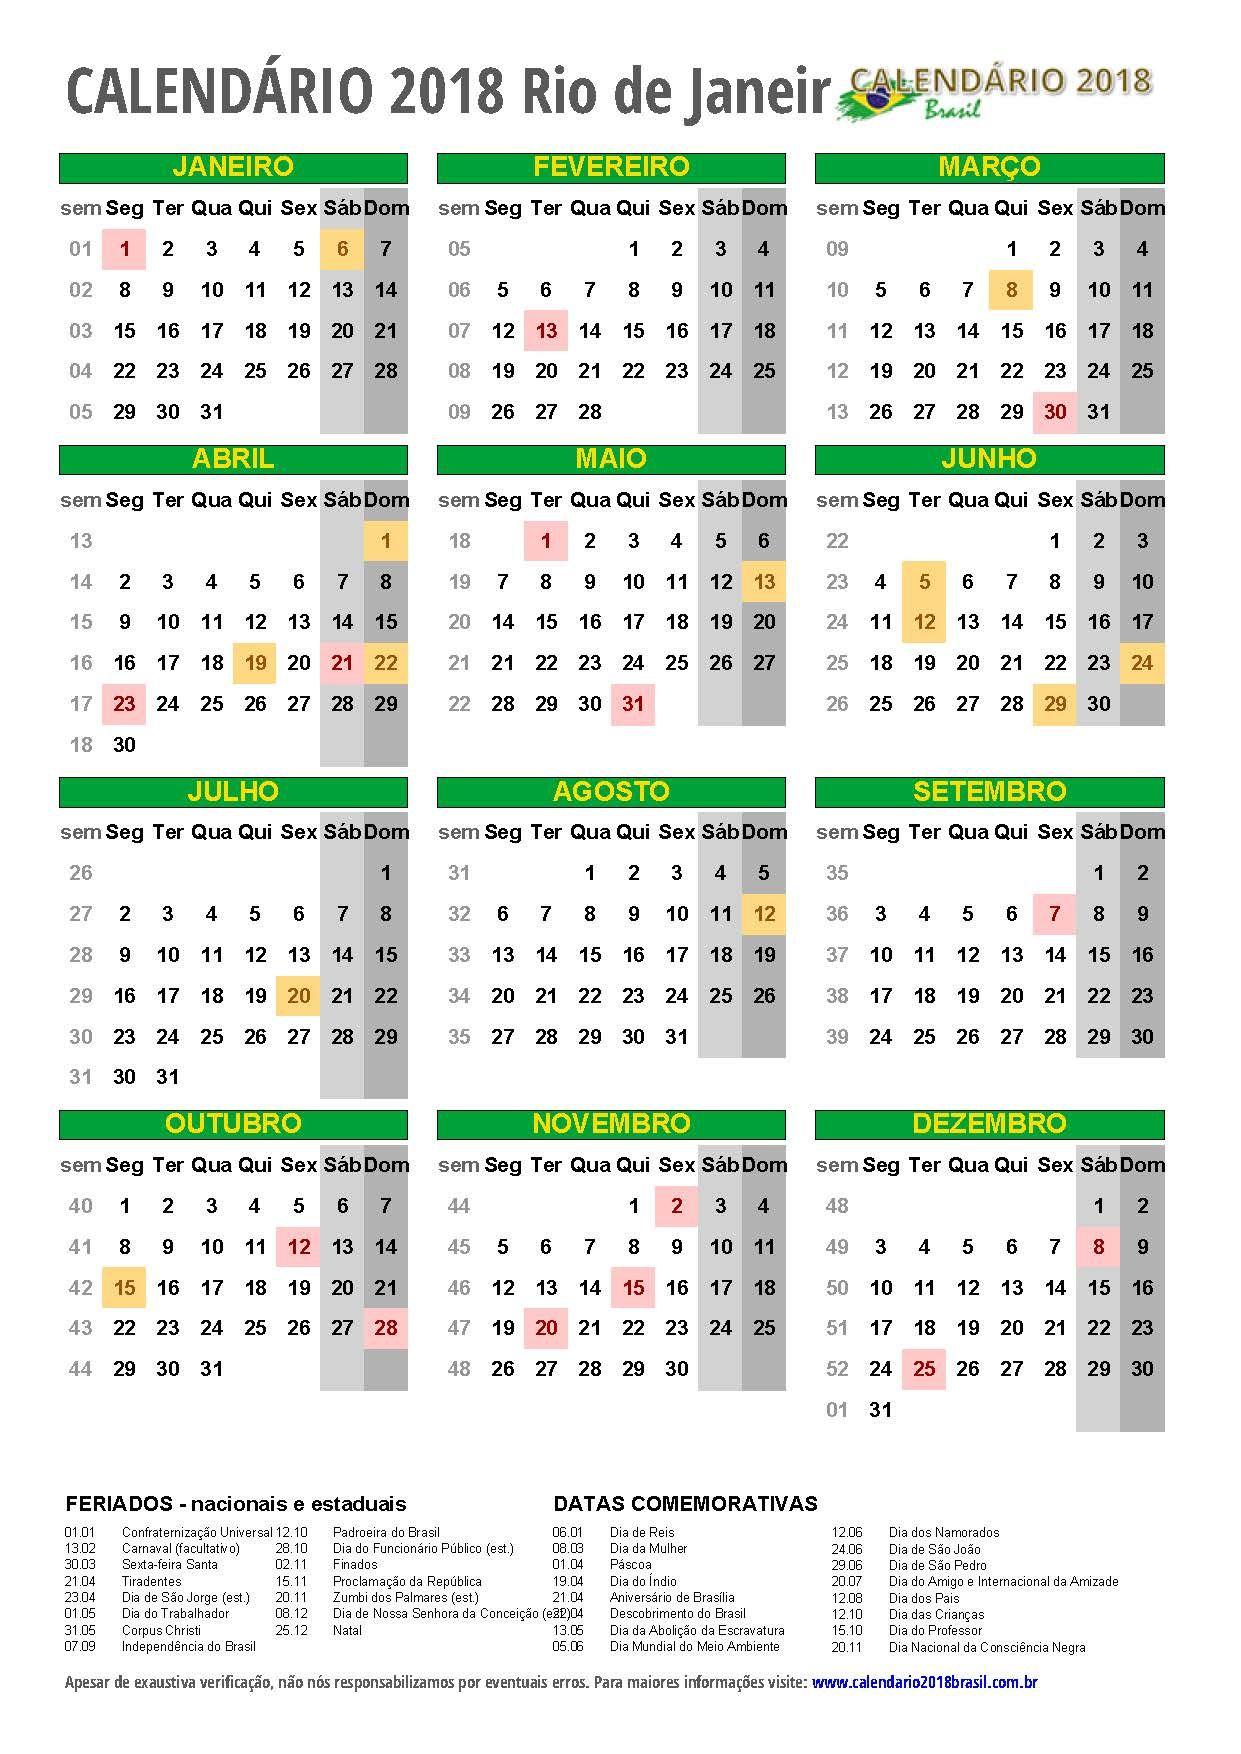 Calendario 2018 Rio De Janeiro Retrato M Jpg 1241 1754